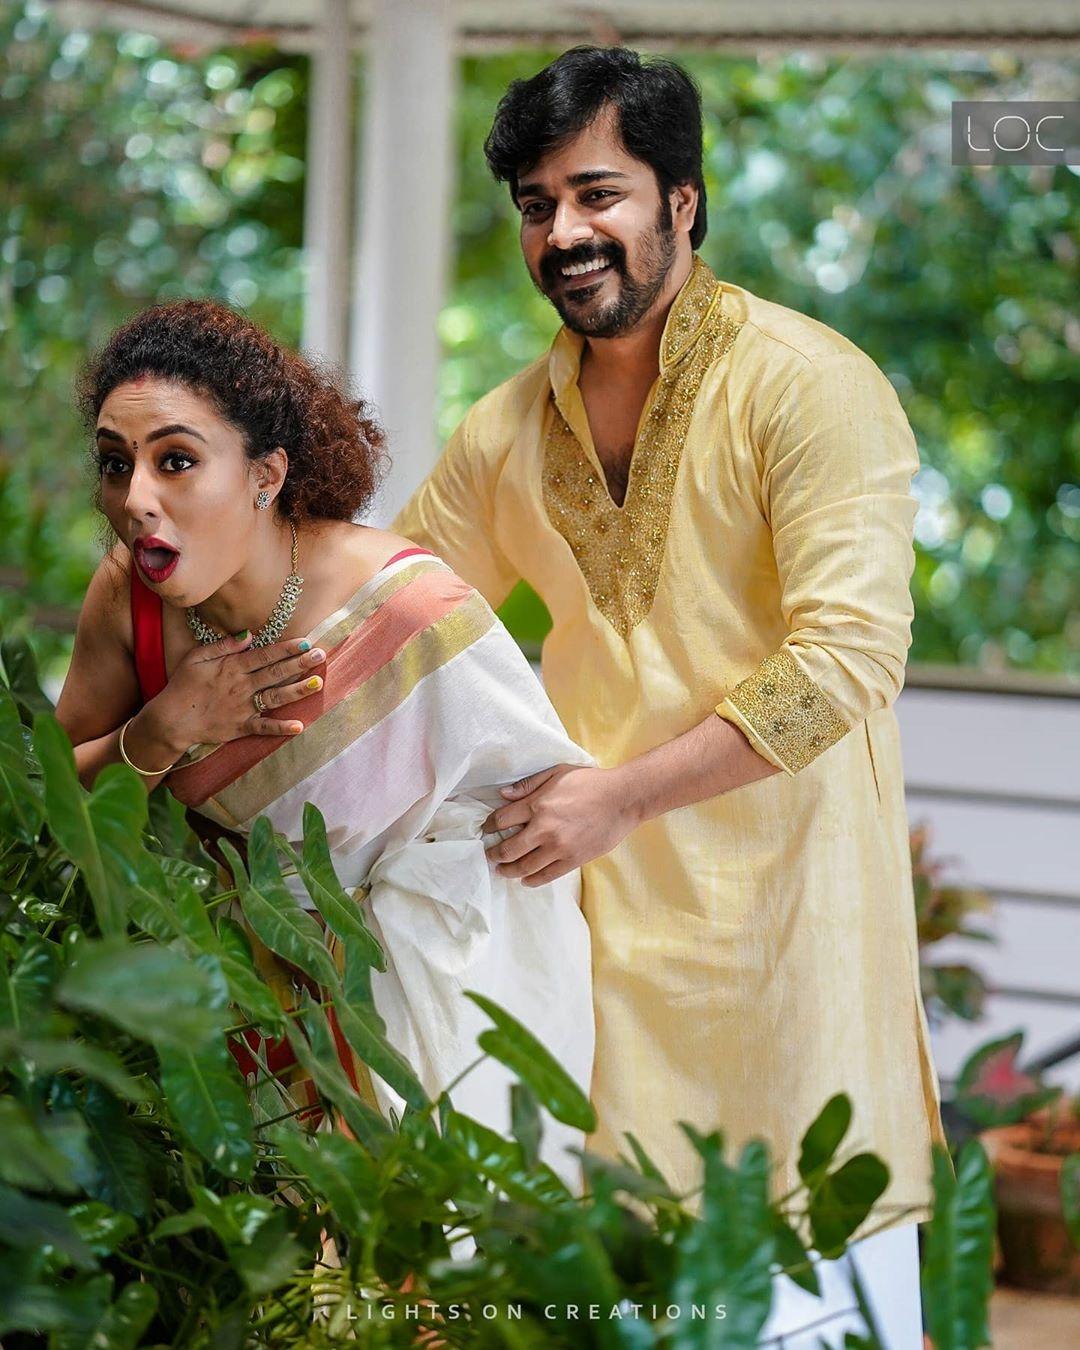 srinish Aravind